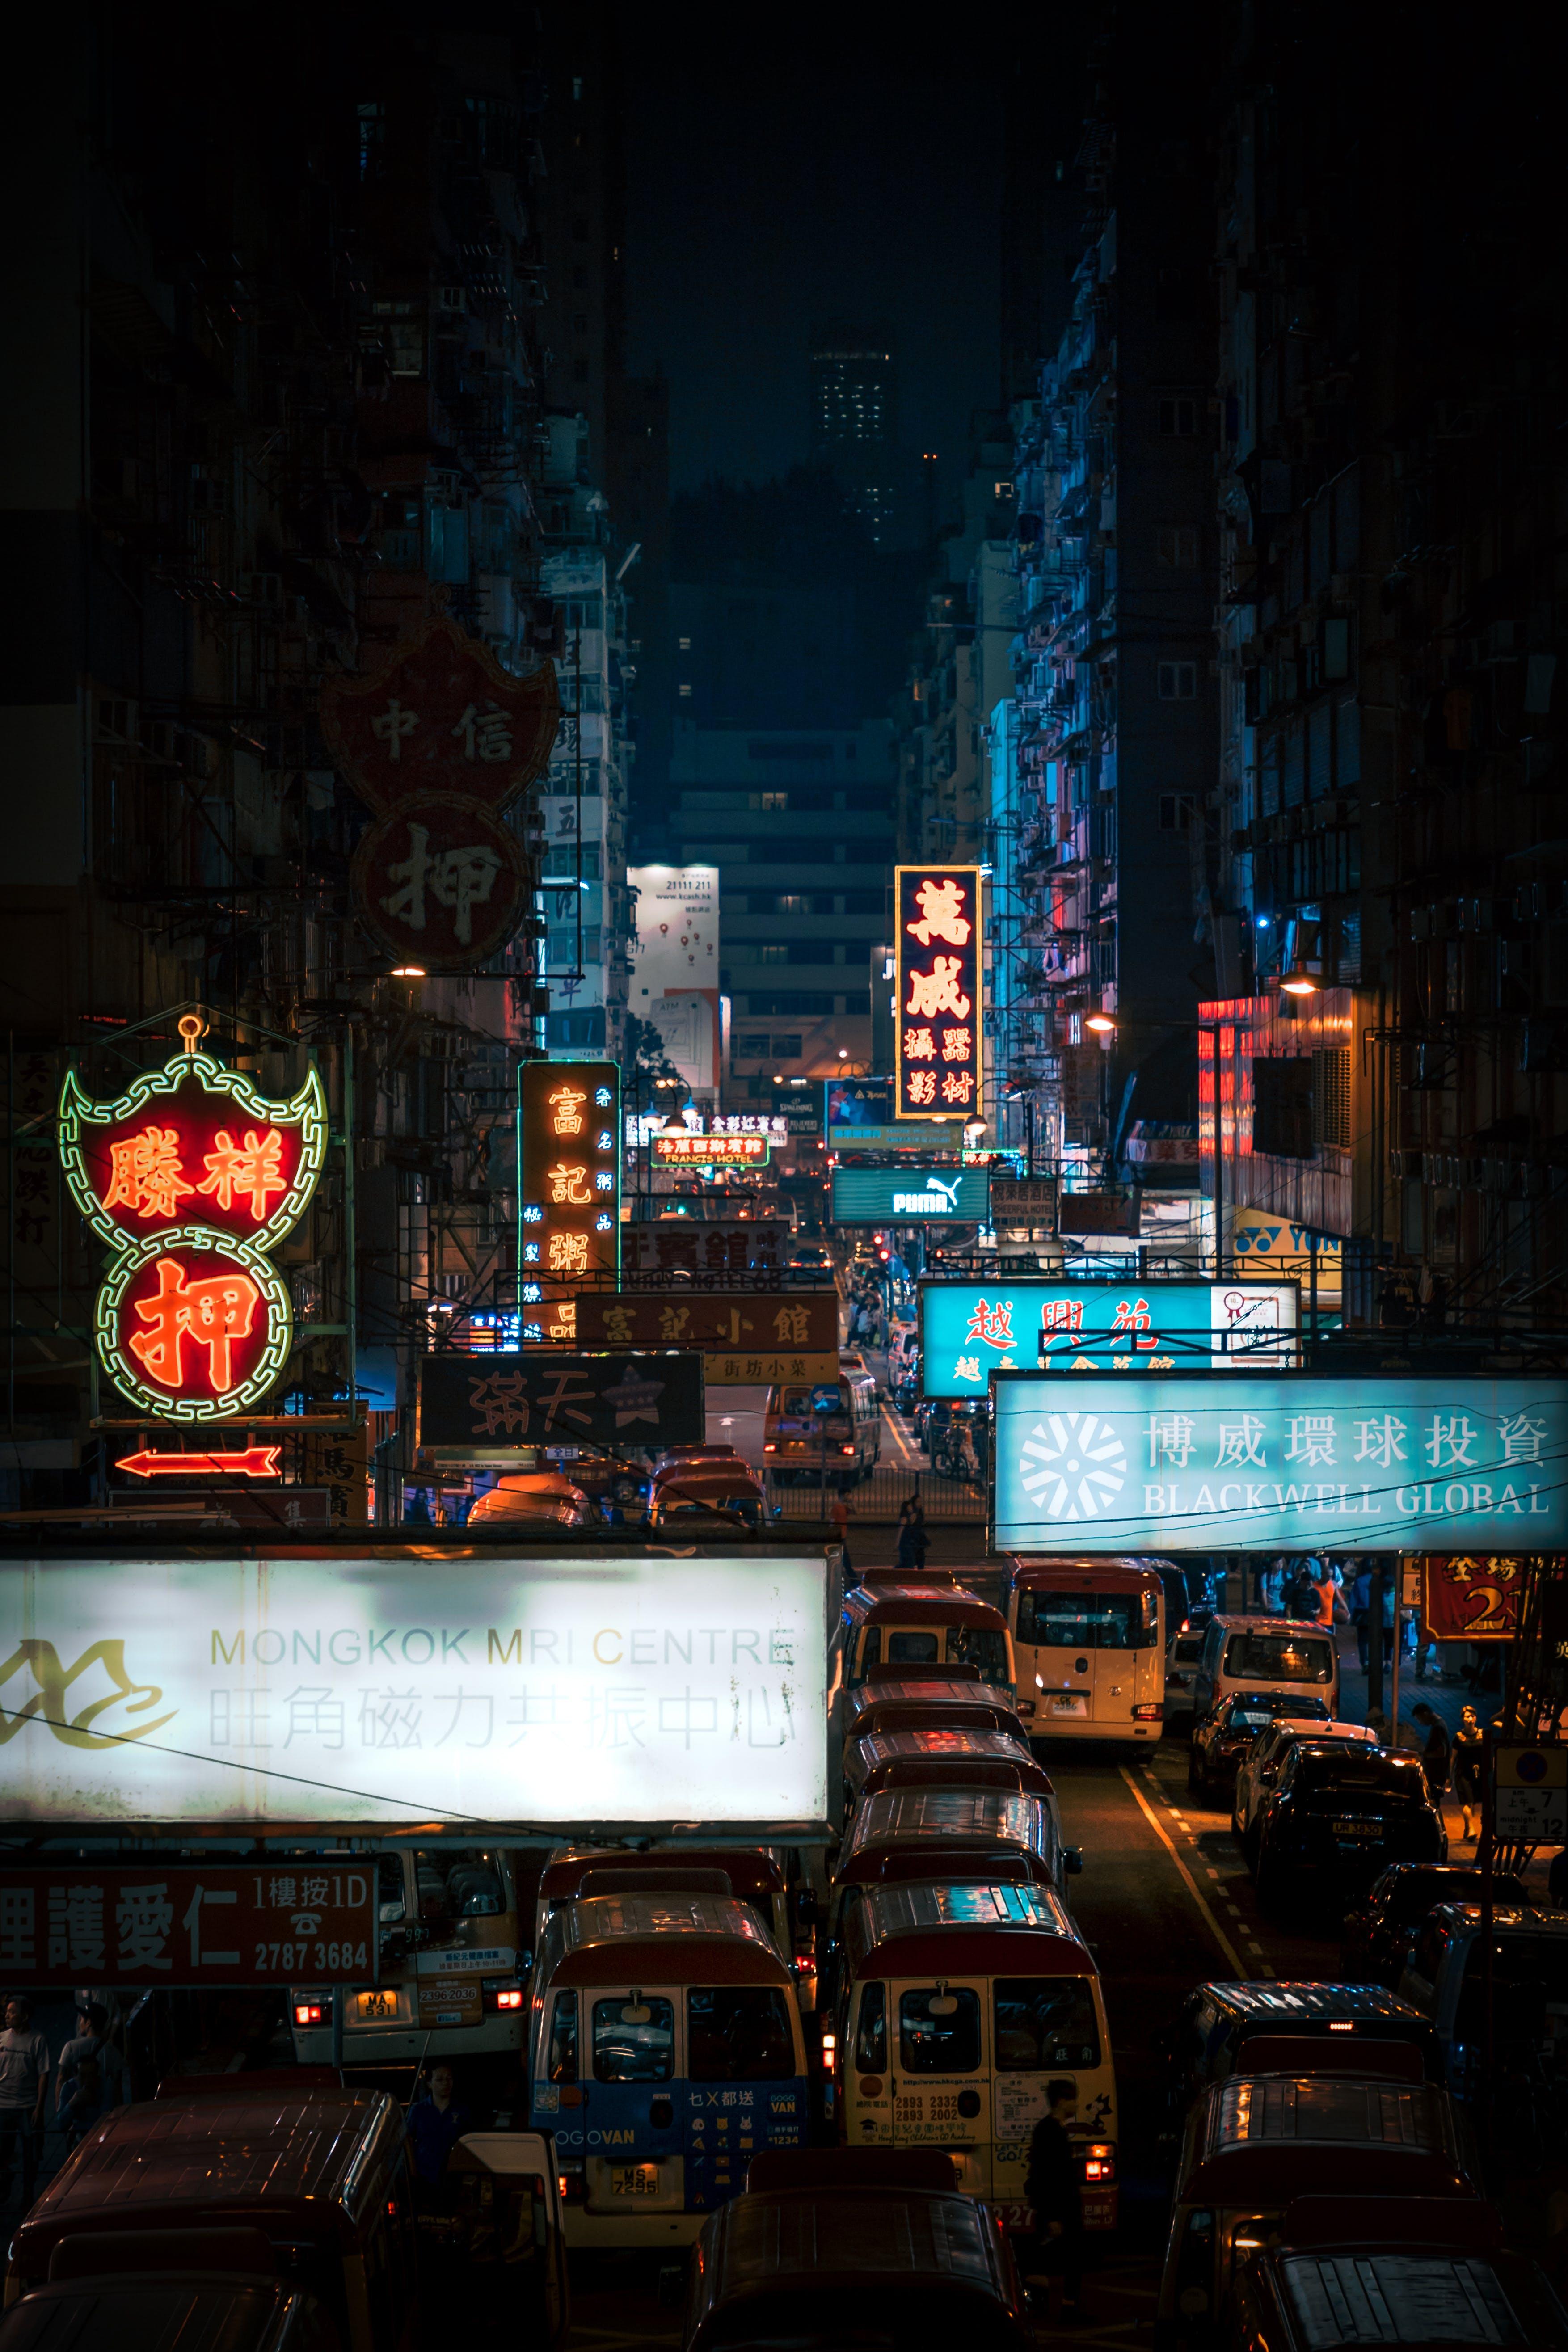 交通, 城市, 市中心, 建築 的 免费素材照片